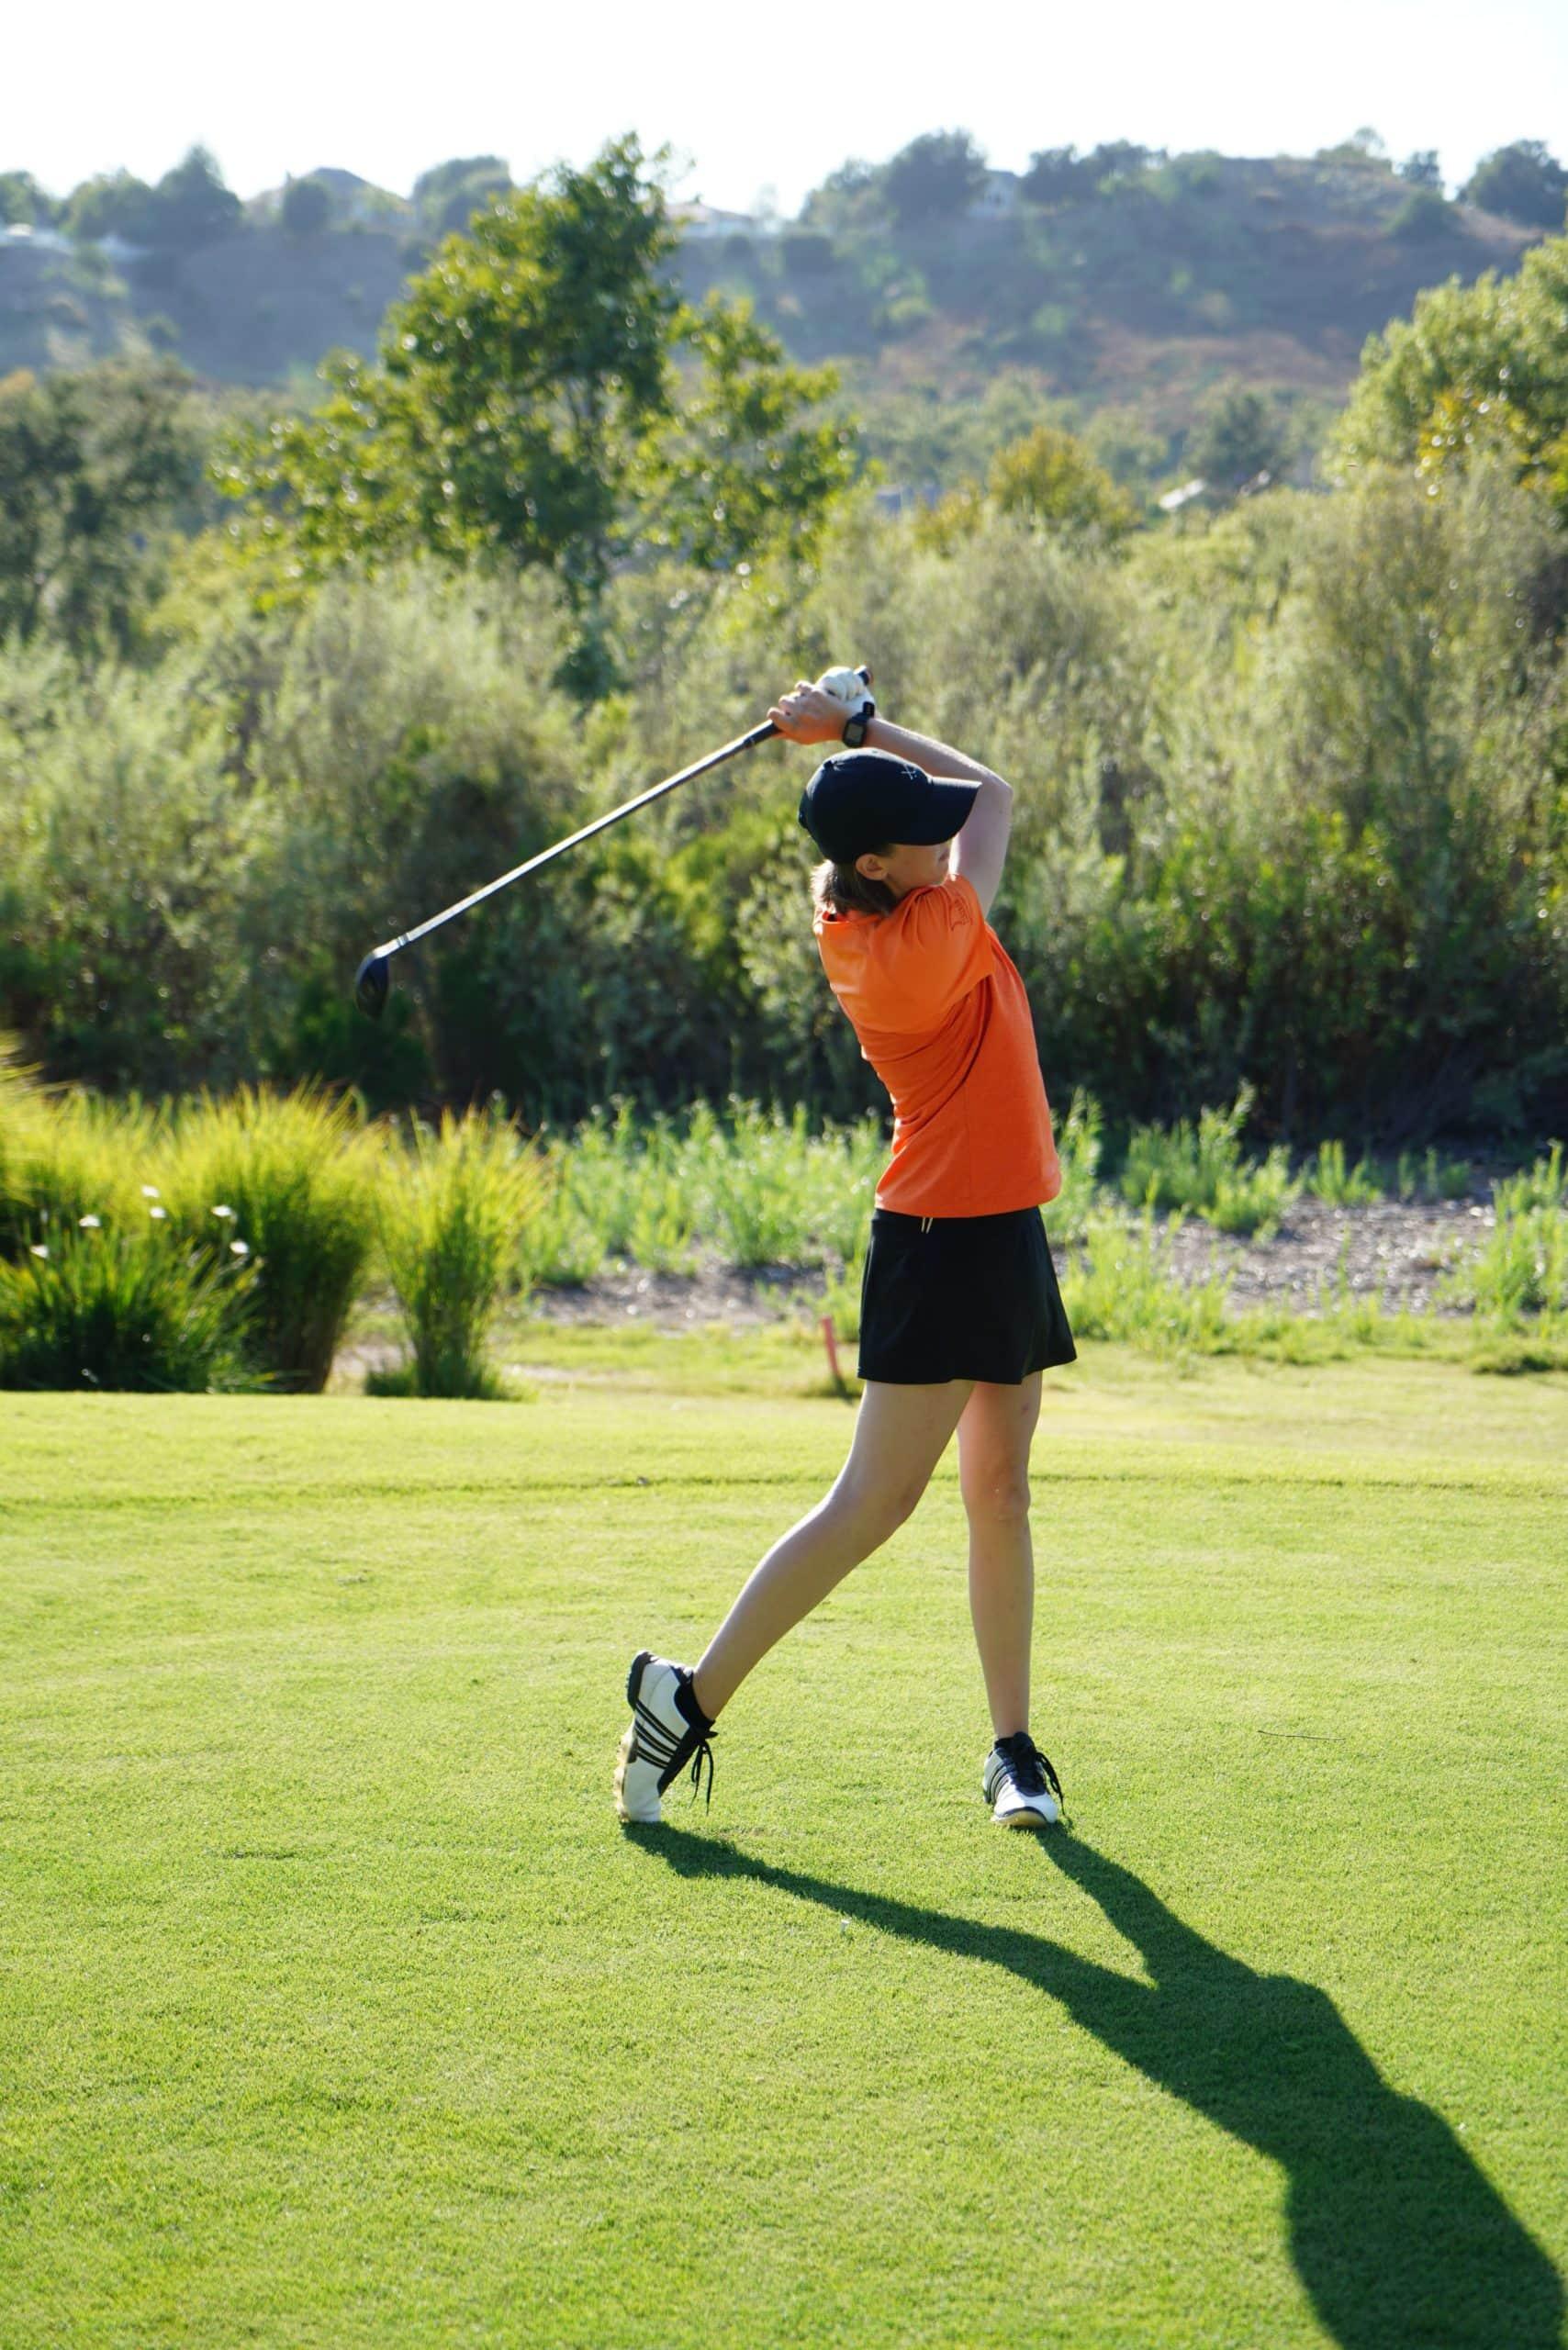 Proper Golf Attire for Women